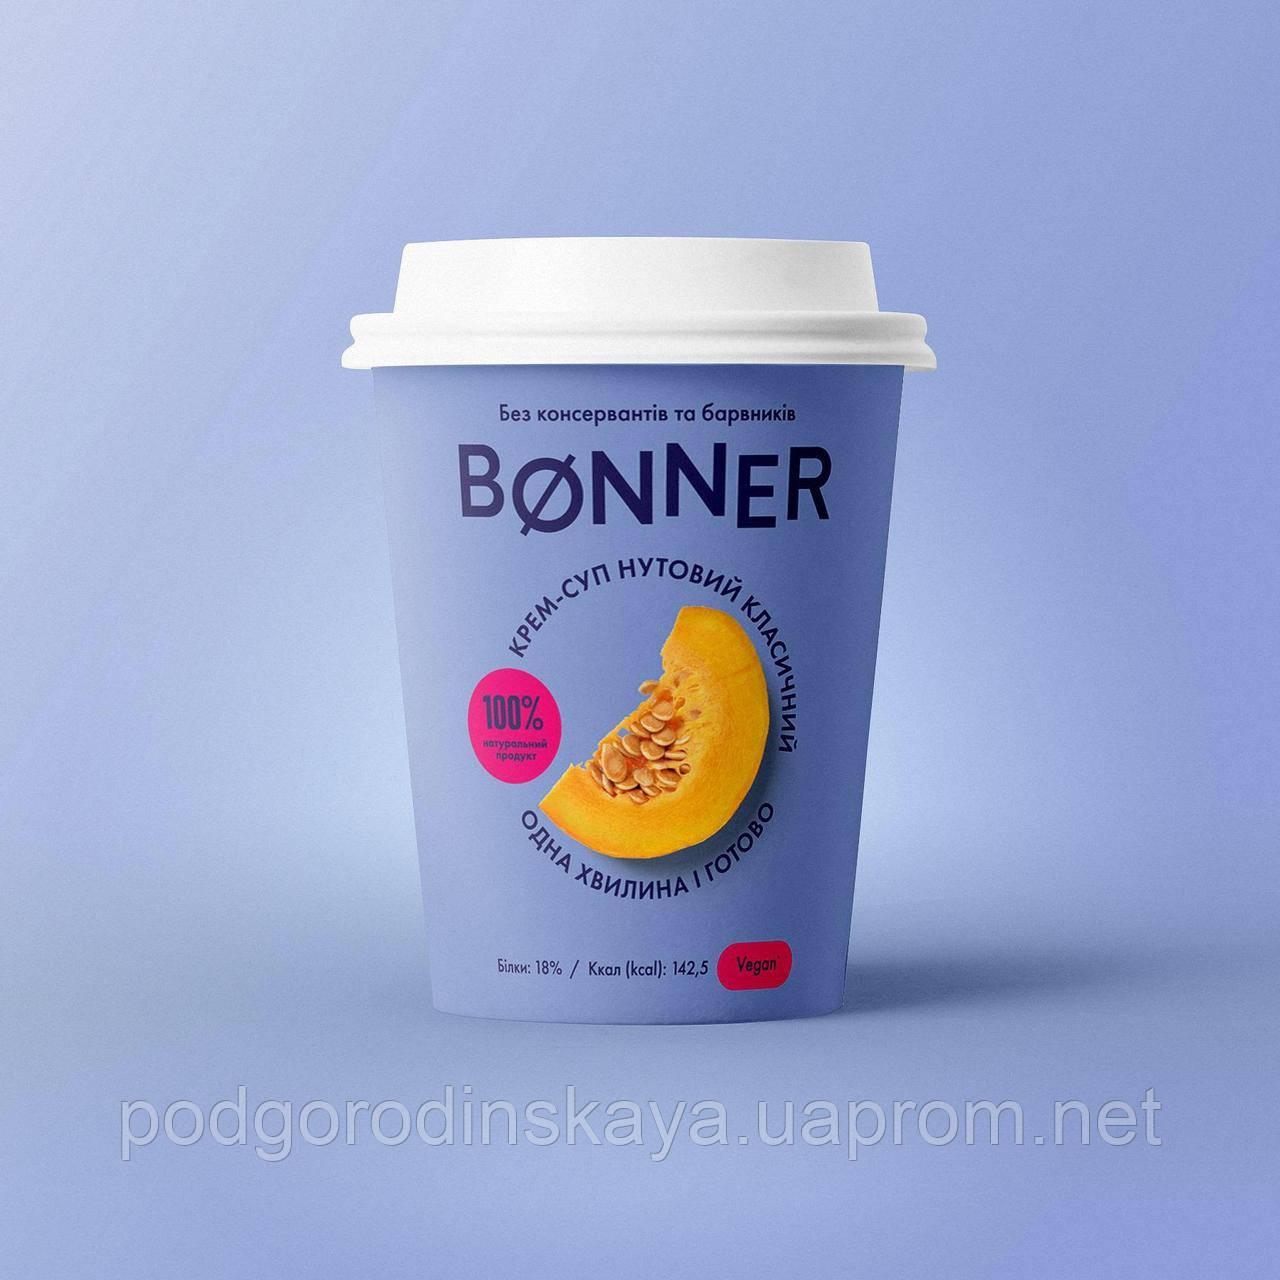 Крем-суп нутовый класический, 50г ТМ Bonner